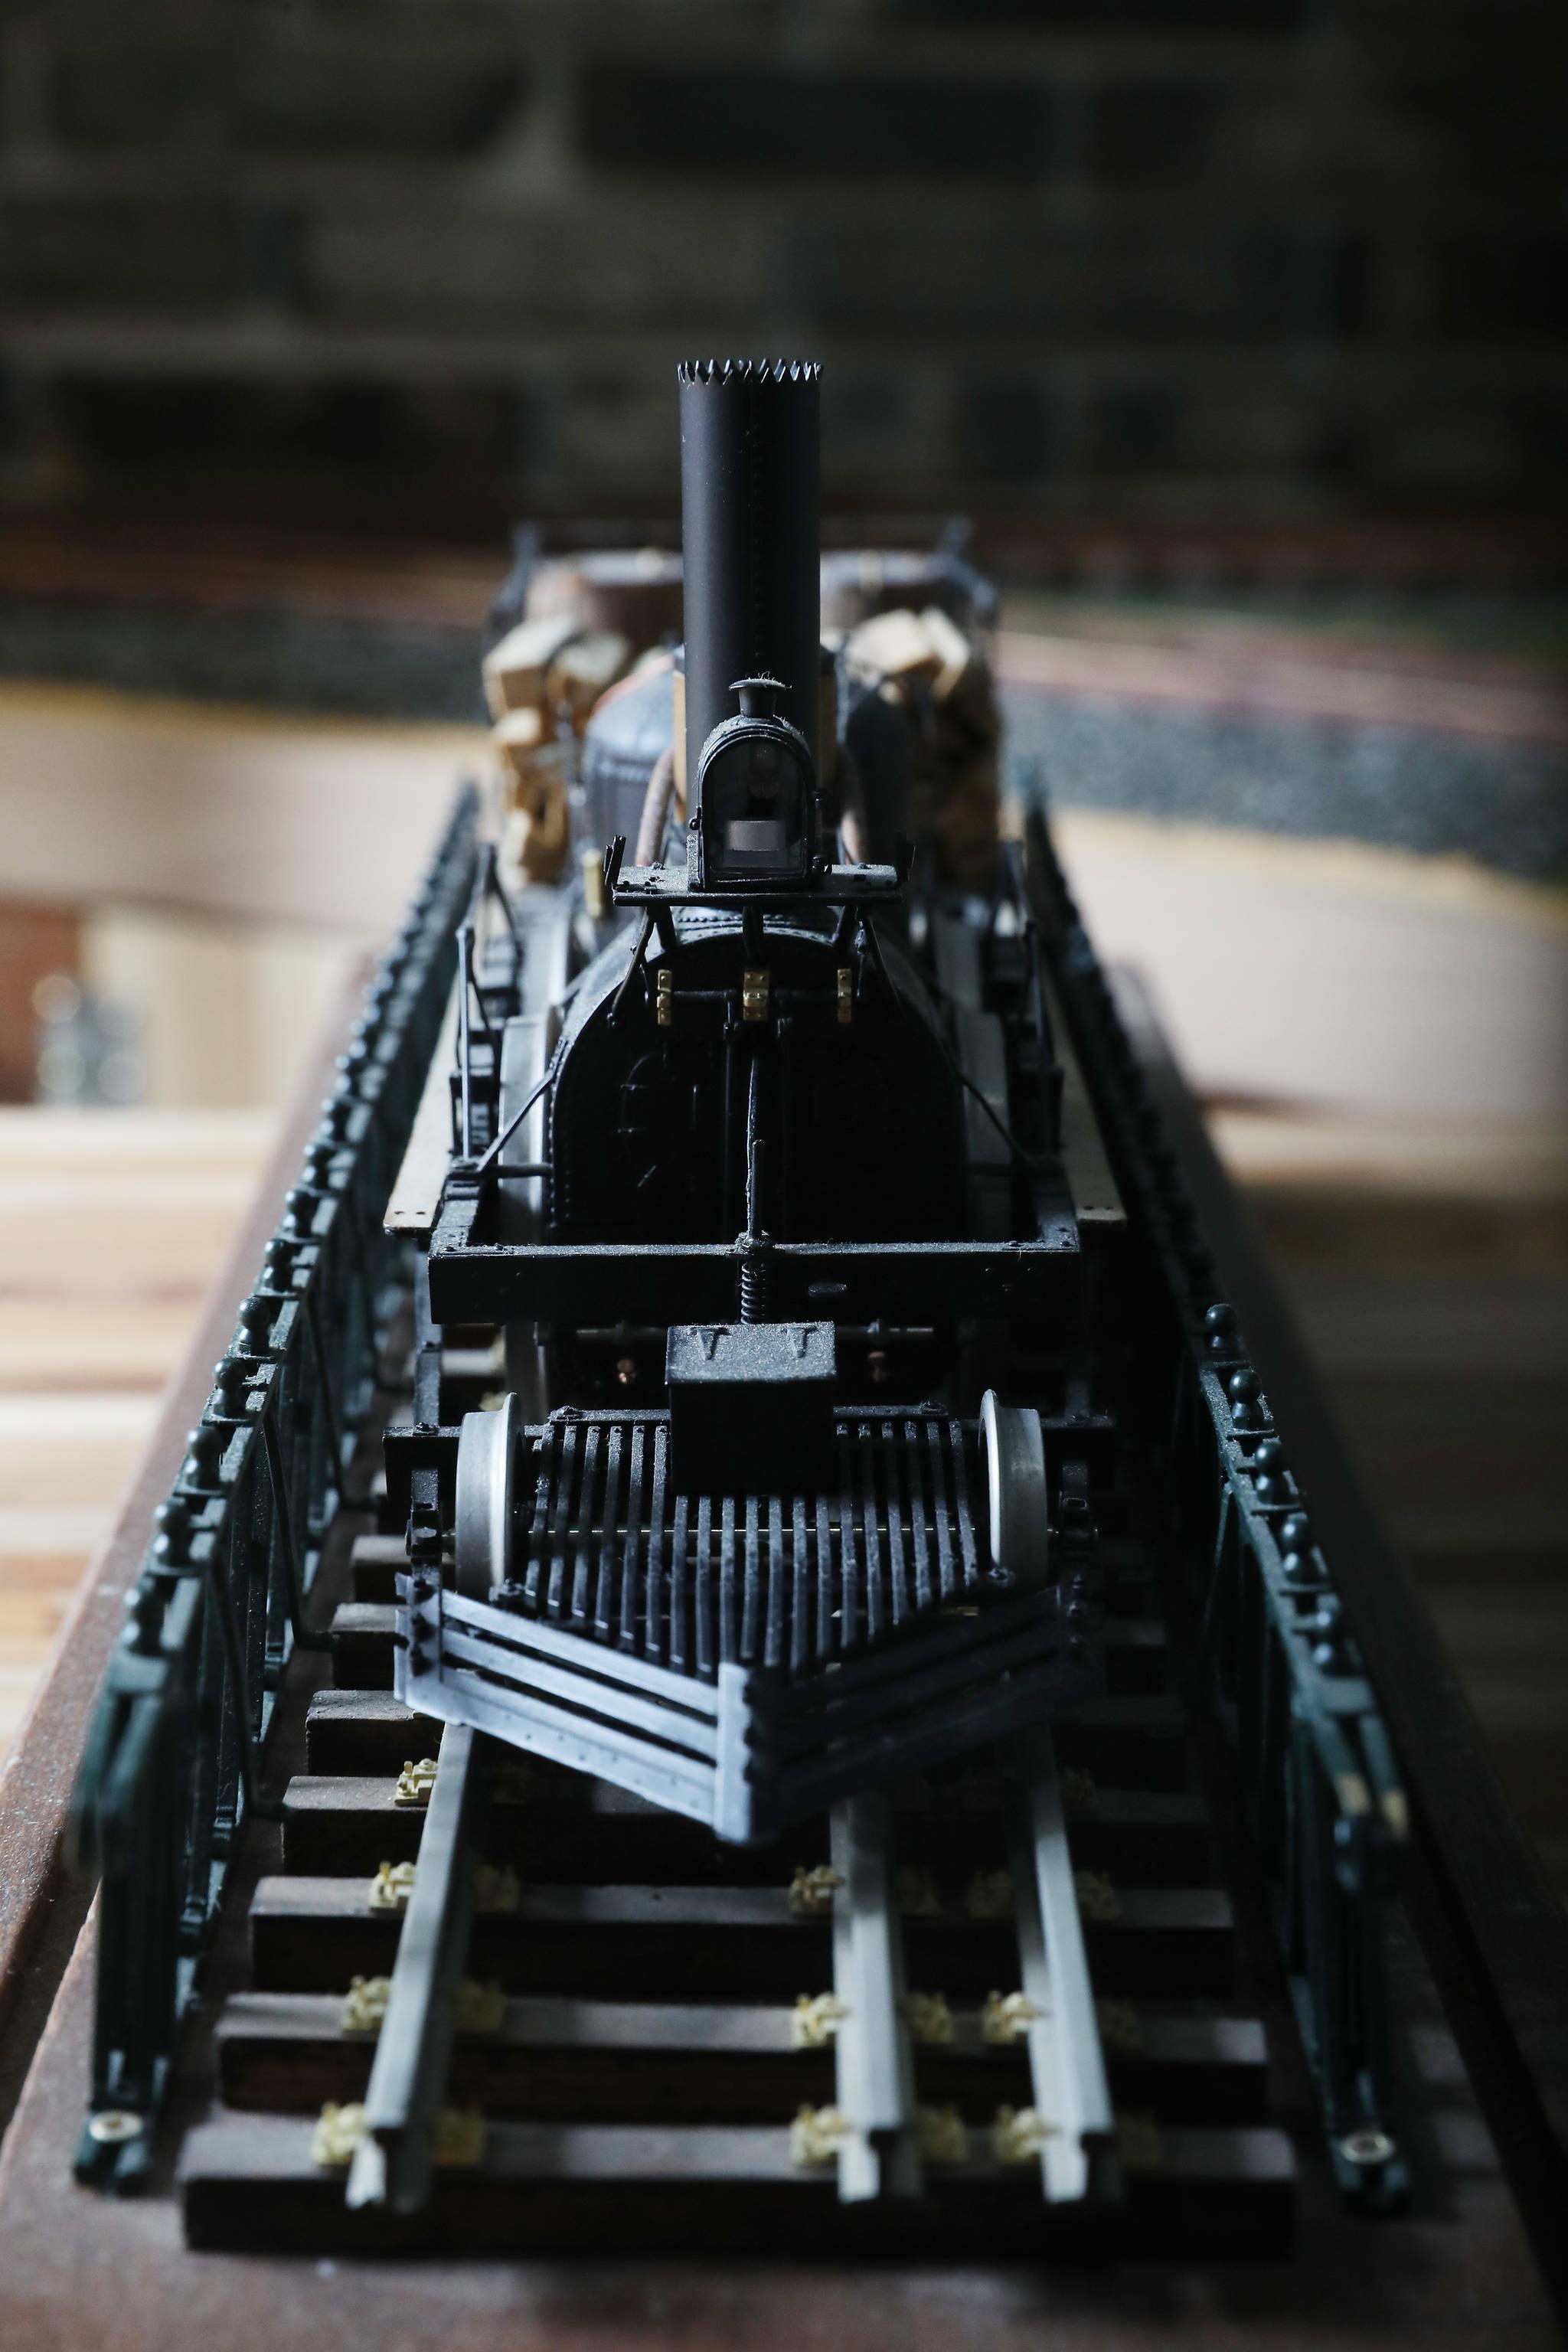 이현만 씨가 제작한 'JOHN BULL' 목탄 증기 기관차 모형. 워싱턴 DC 역사 박물관에 전시된 기관차처럼 울타리까지 재현했다. 우상조 기자